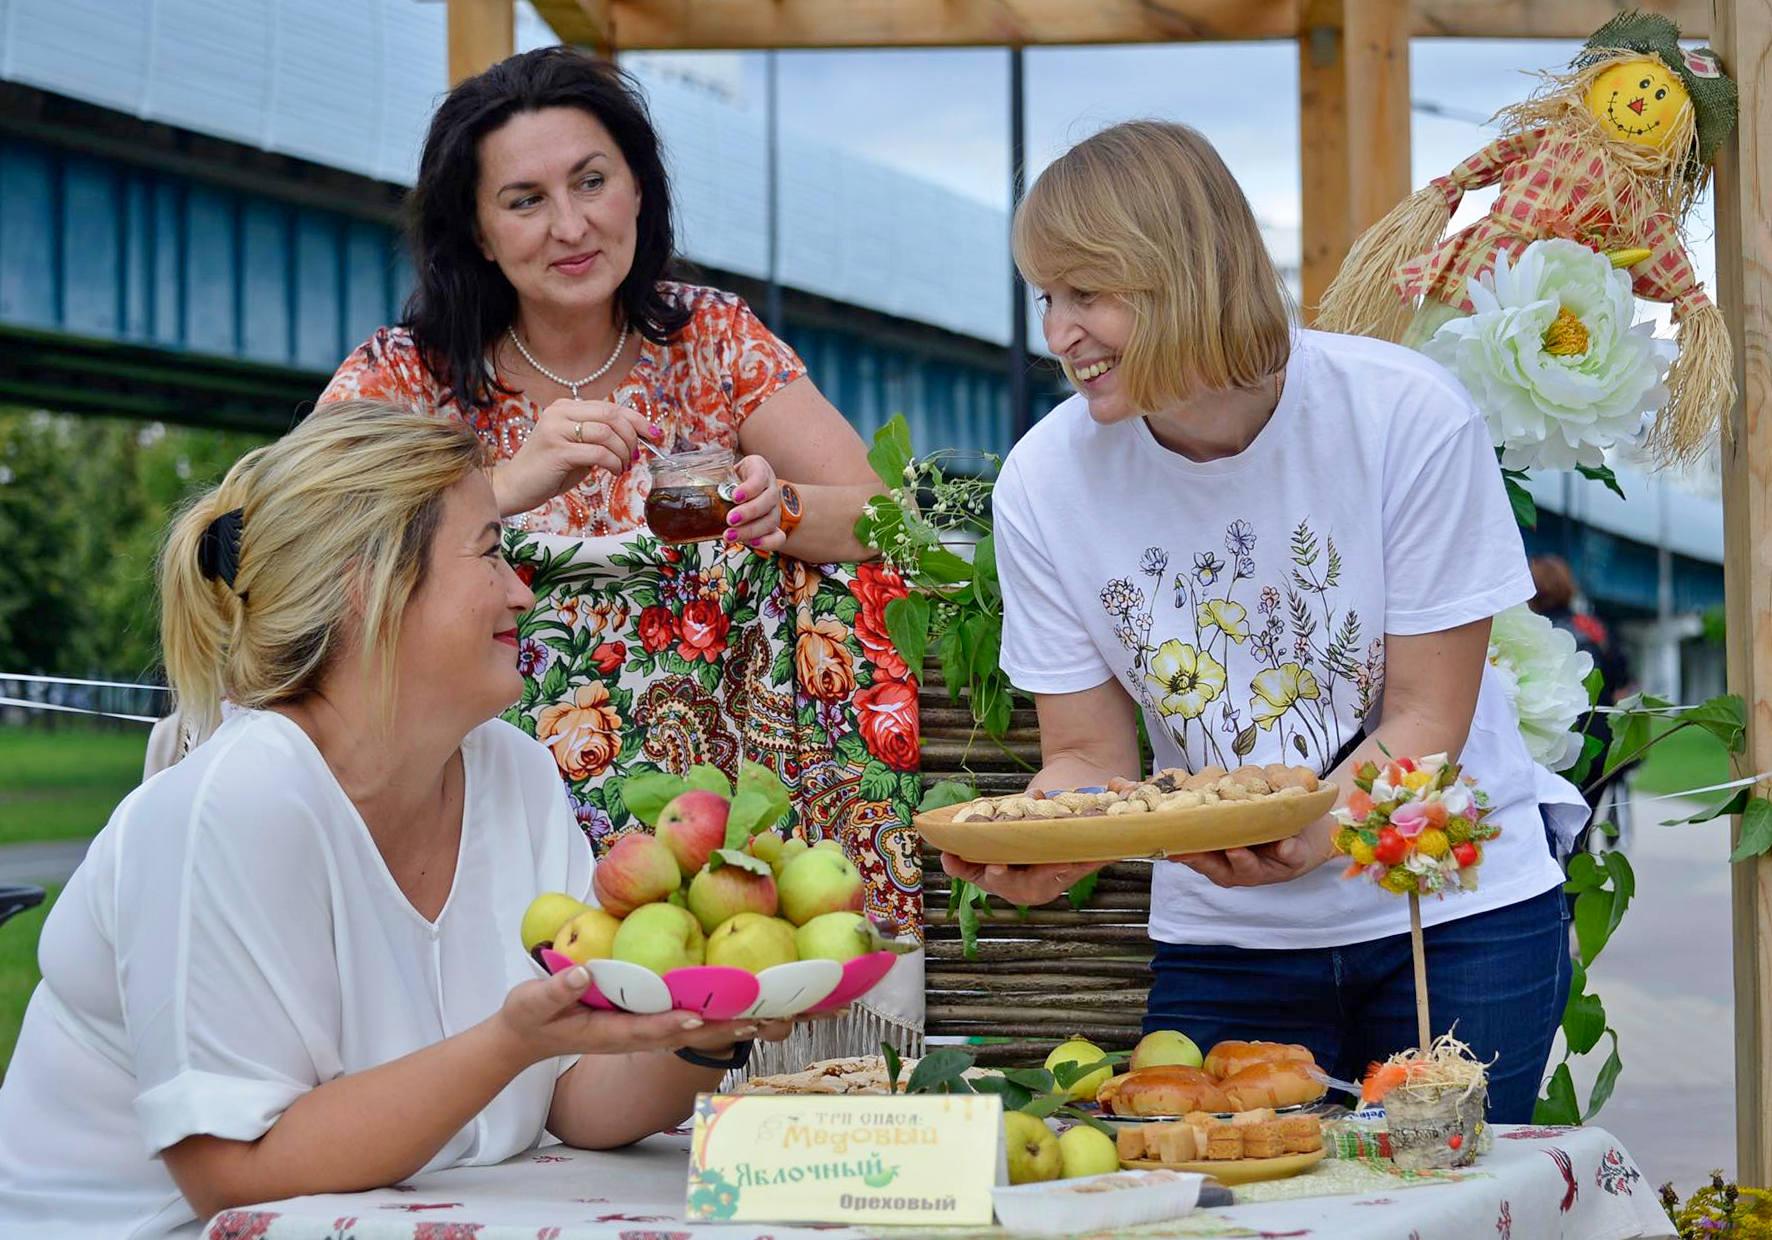 14 августа 2019 года. В прошлом году на празднике «Яблочный Спас» гостей угощали яблоками, яблочными пирогами и яблочным вареньем. Фото: Наталья Феоктистова